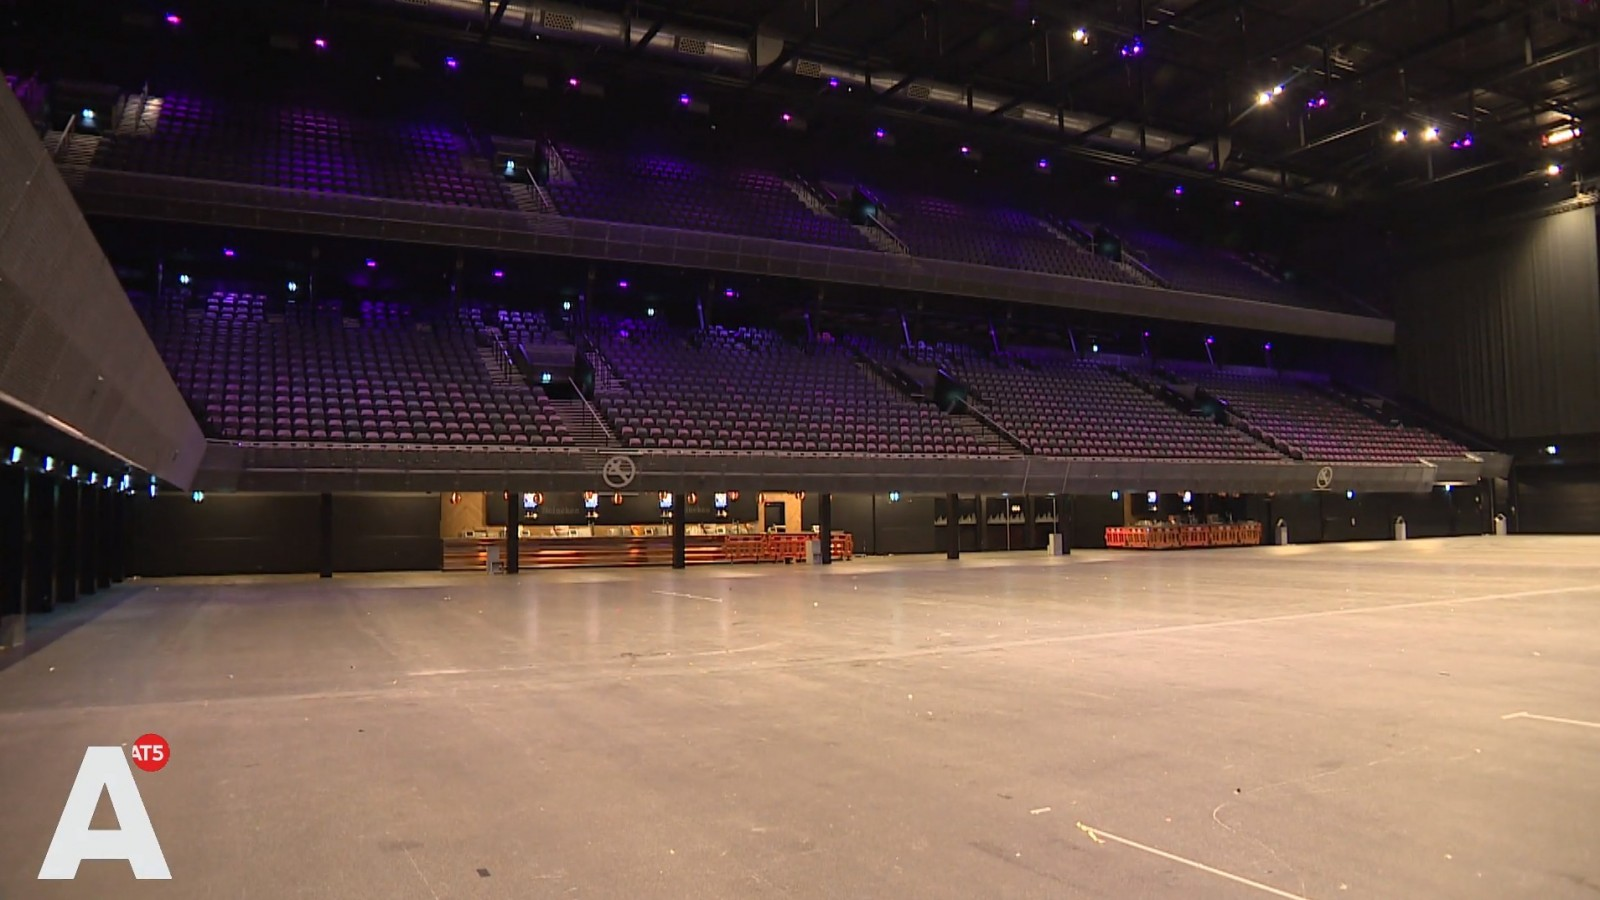 De Ziggo Dome bleek niet beschikbaar als locatie voor het Songfestival